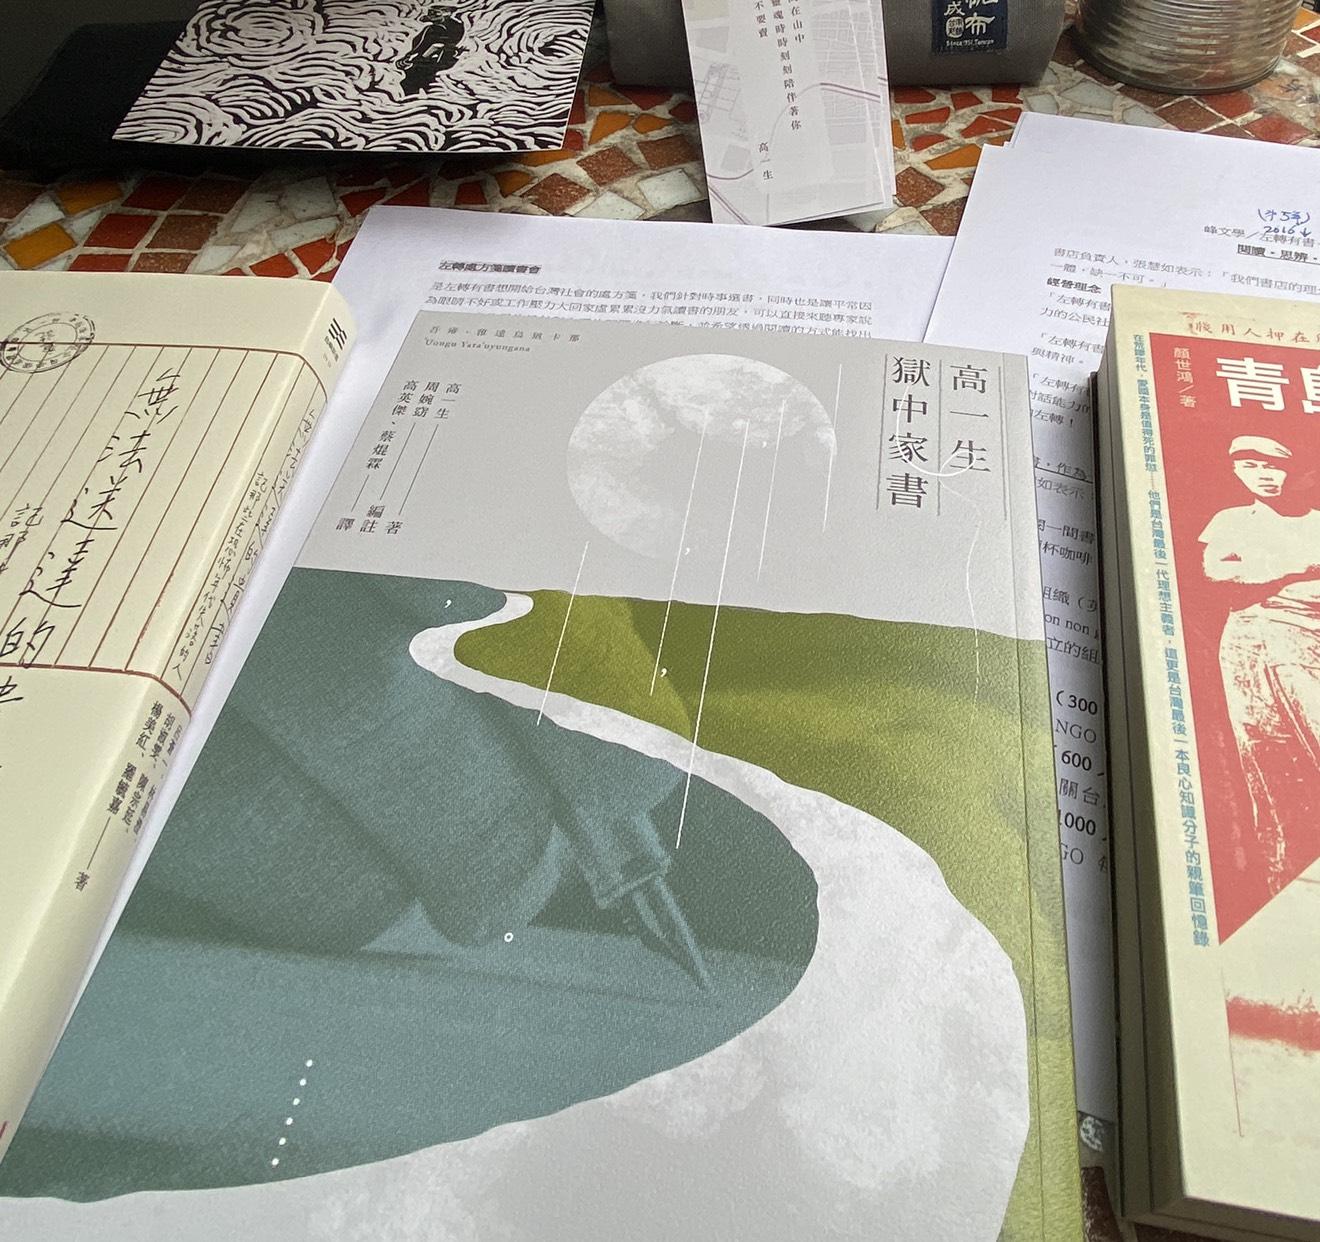 一部見證台灣白恐歷史的「家書」——淺談《高一生 獄中家書》